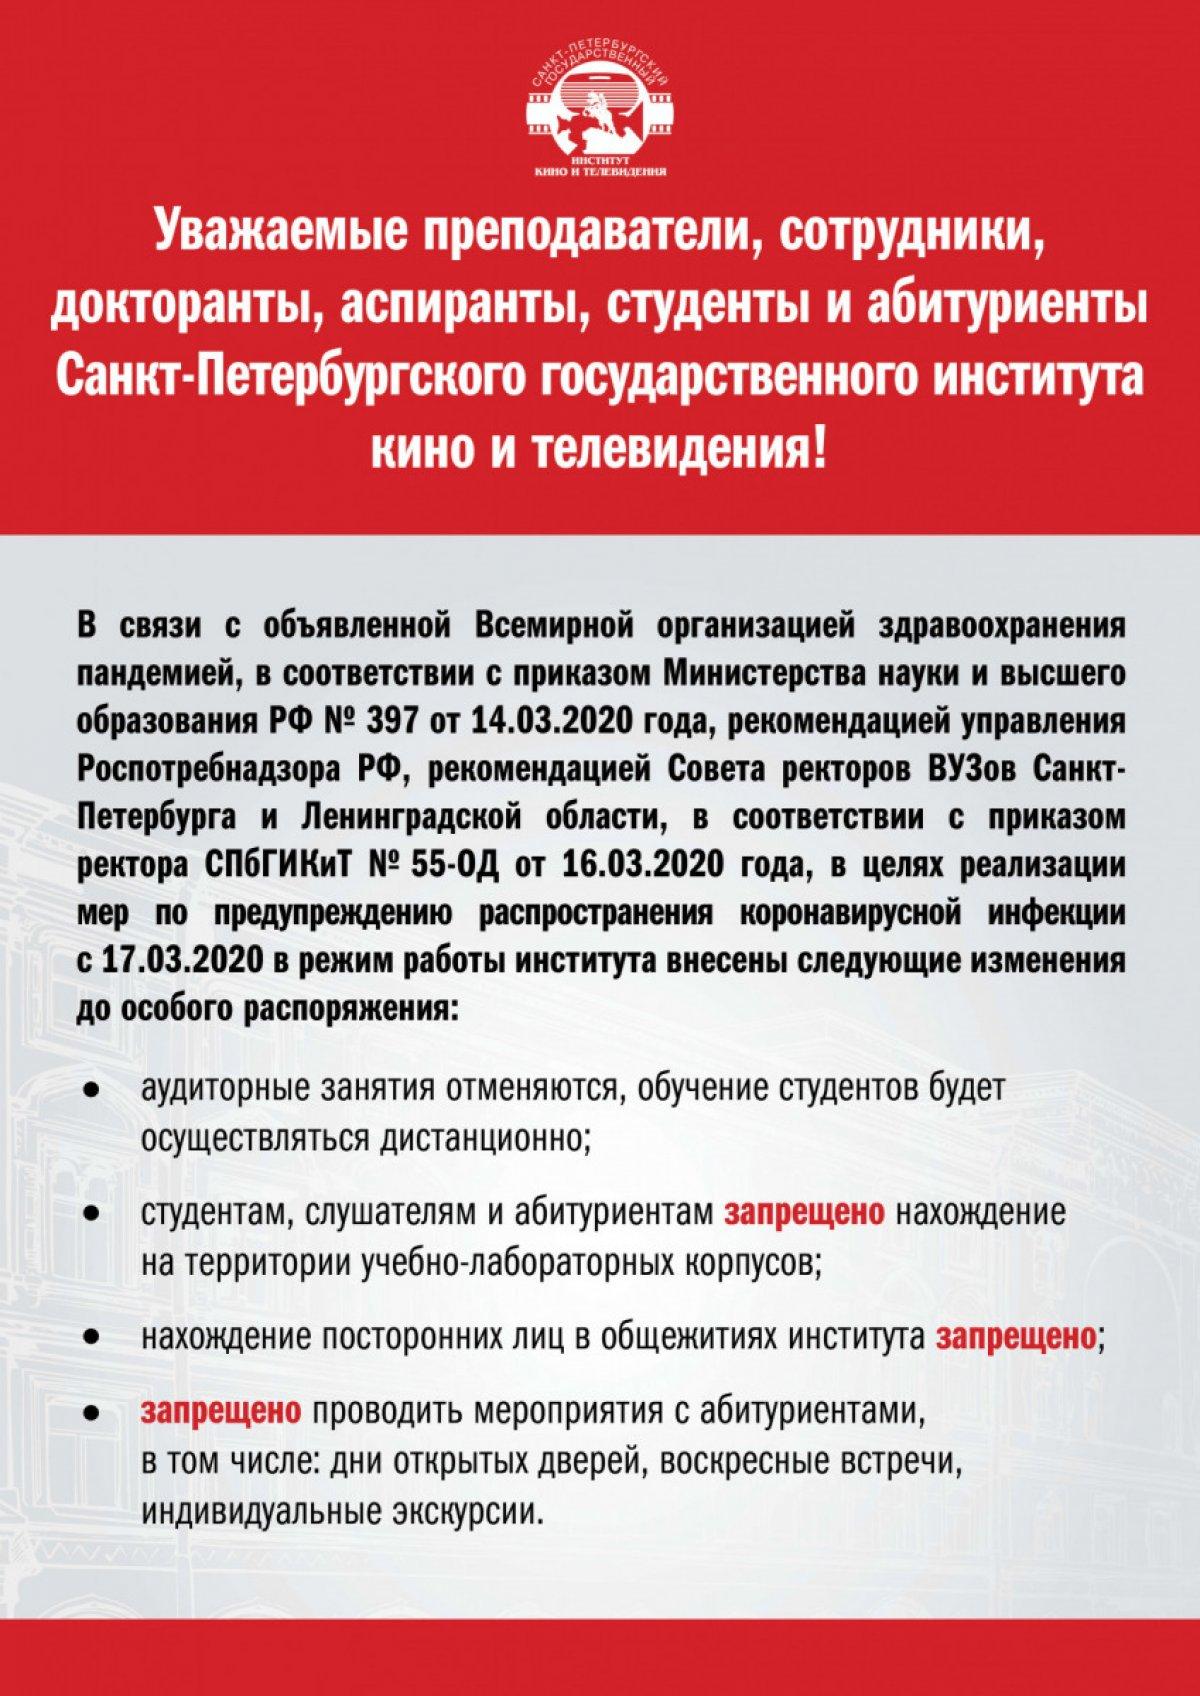 Уважаемые преподаватели, сотрудники, докторанты, аспиранты, студенты и абитуриенты Санкт-Петербургского государственного института кино и телевидения!